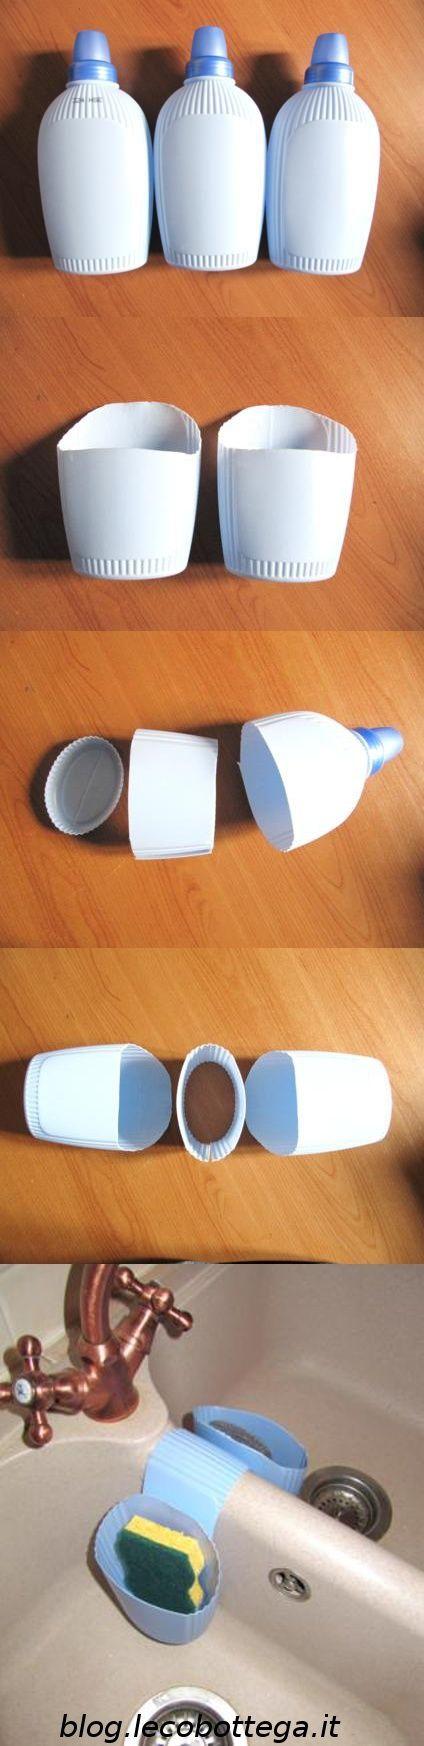 Oggi vi proponiamo questa semplice ma utile idea per poter riciclare dei flaconi di plastica. Possiamo riciclare dei flaconi di shampoo, bagnoschiuma, ammorbidente, insomma quelli che volete e che avete in casa !